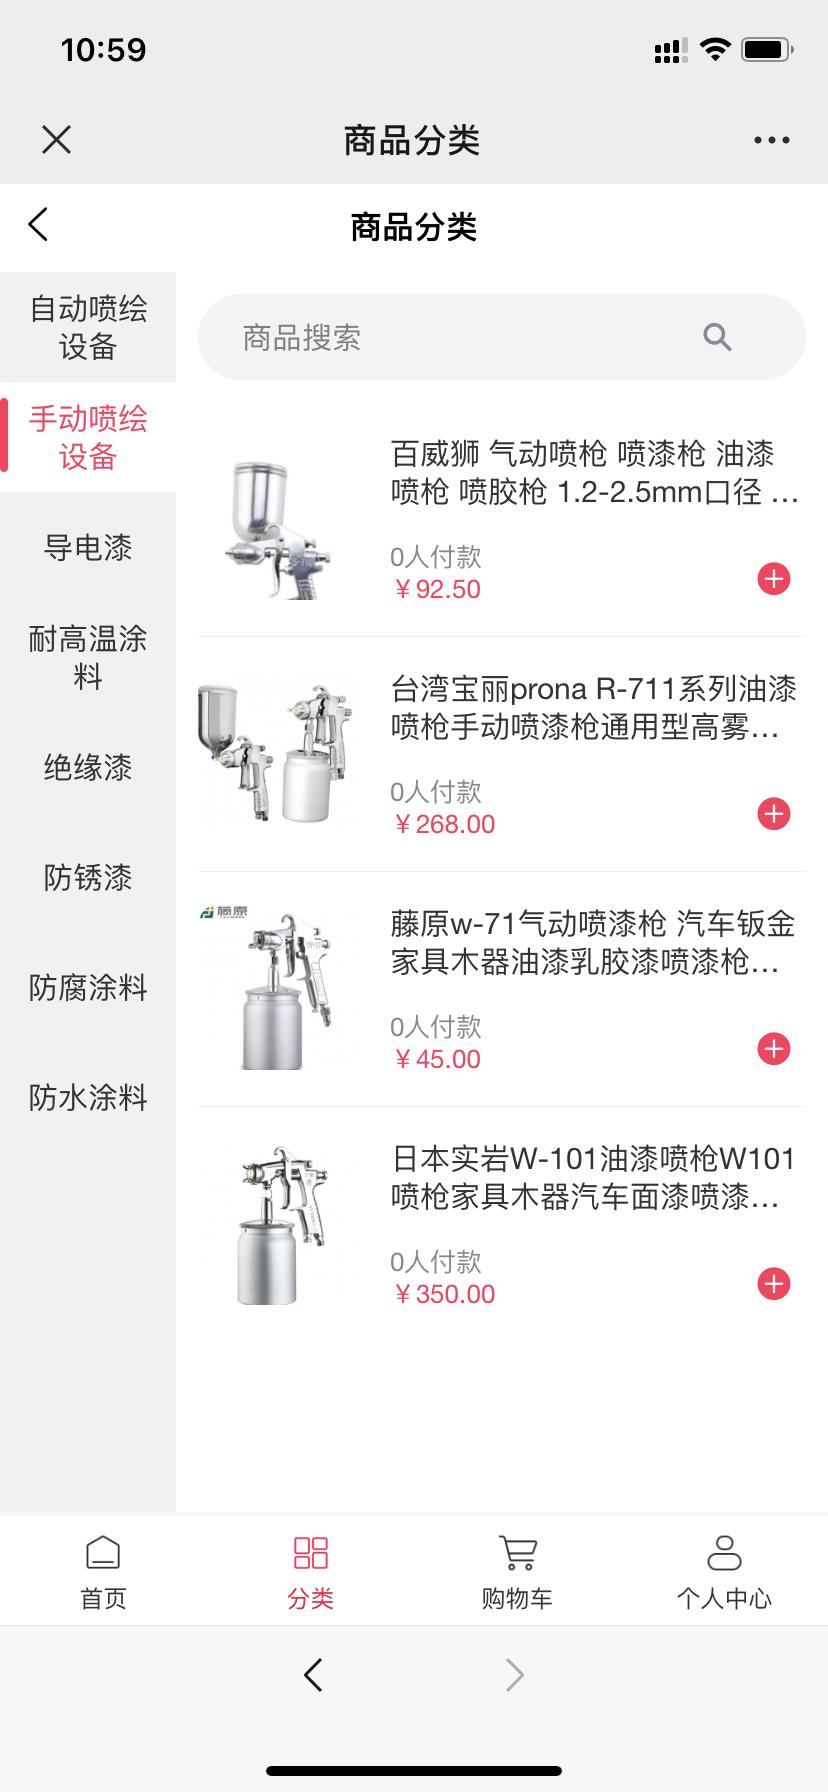 鄱阳涂料商城整合行业招商运营资源的专业平台.